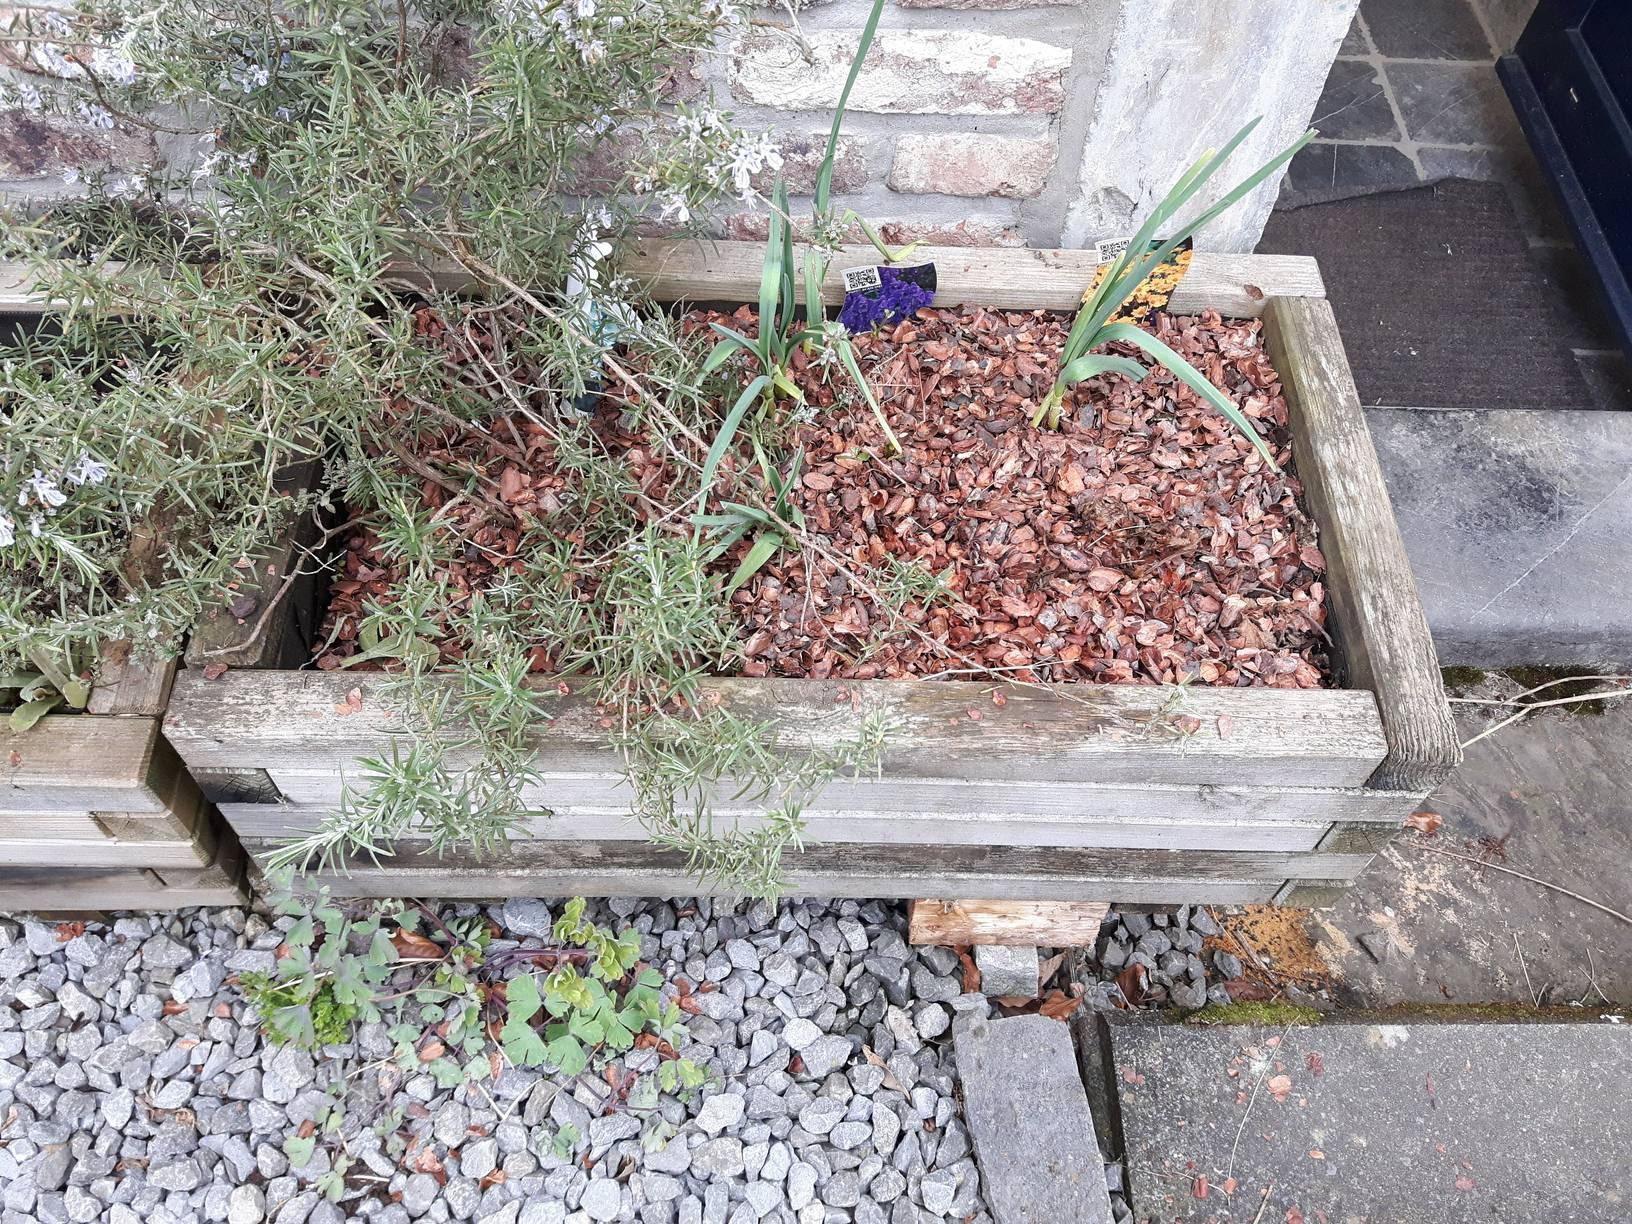 jardiniere_01_15-04-2018_01